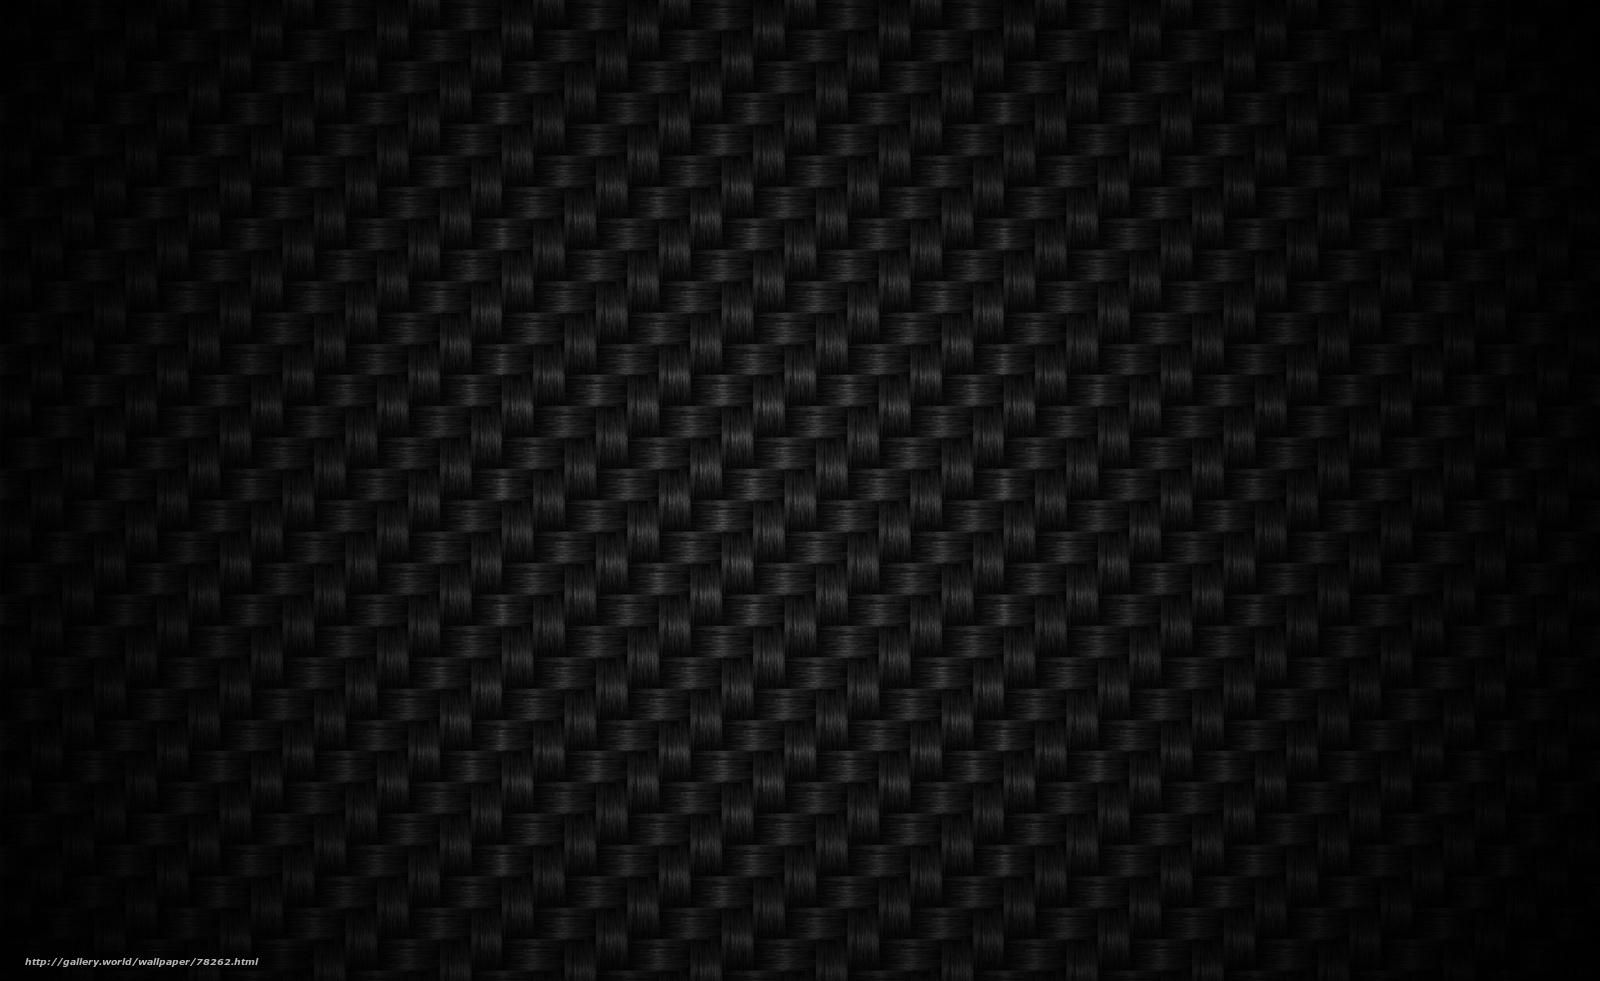 узоры, текстуры, чёрный, обои